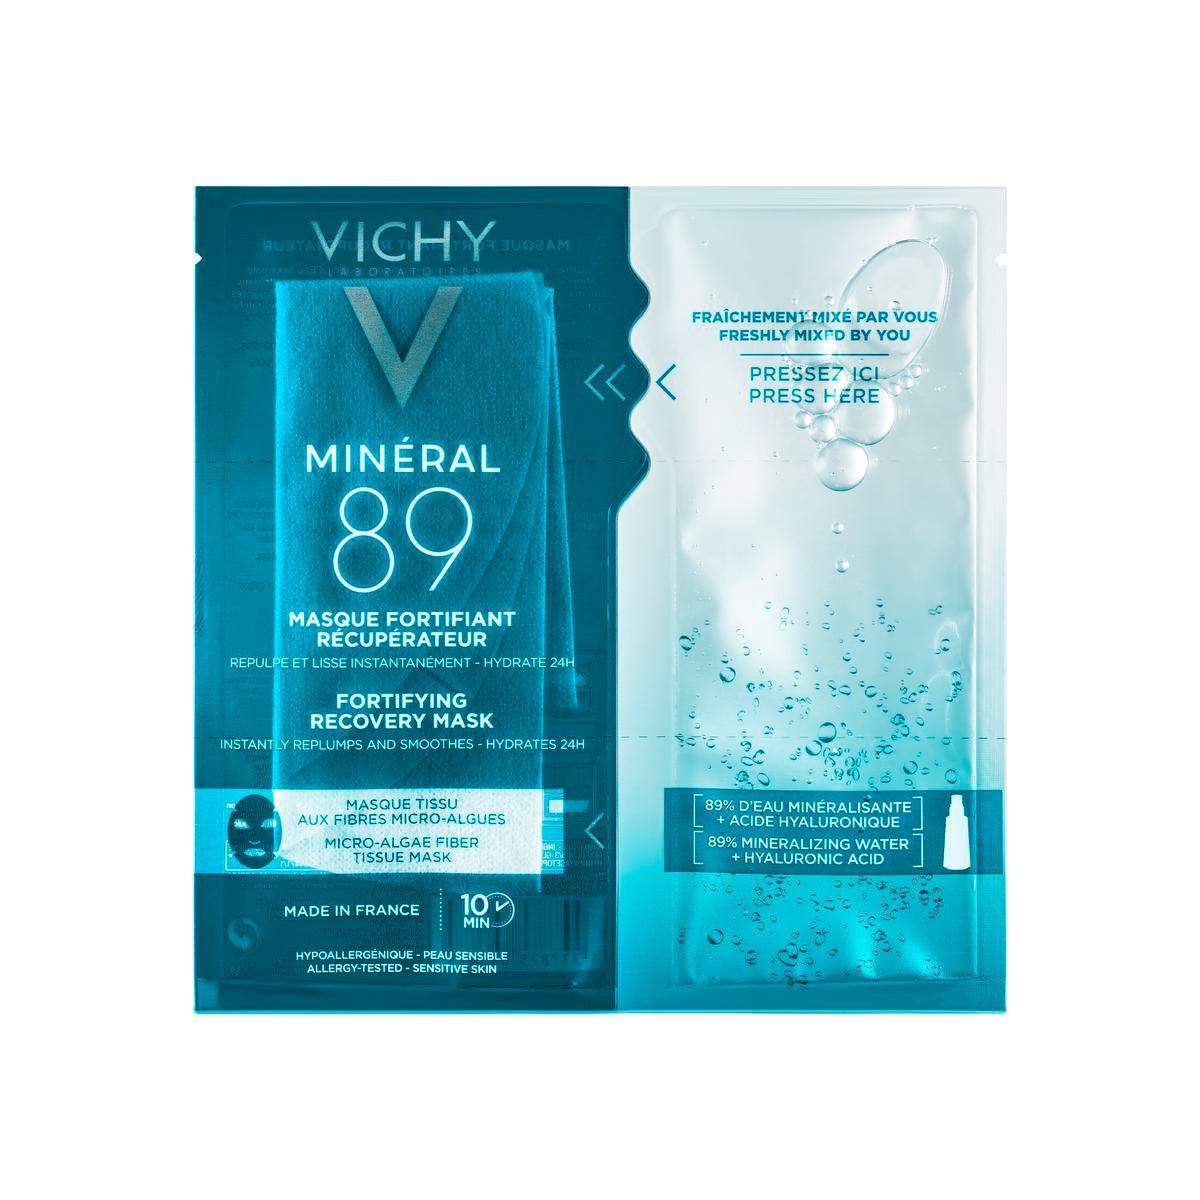 Masque fortifiant réparateur Minéral 89, Vichy, 5,95 euros la pièce (disponible en pharmacie)., SDP